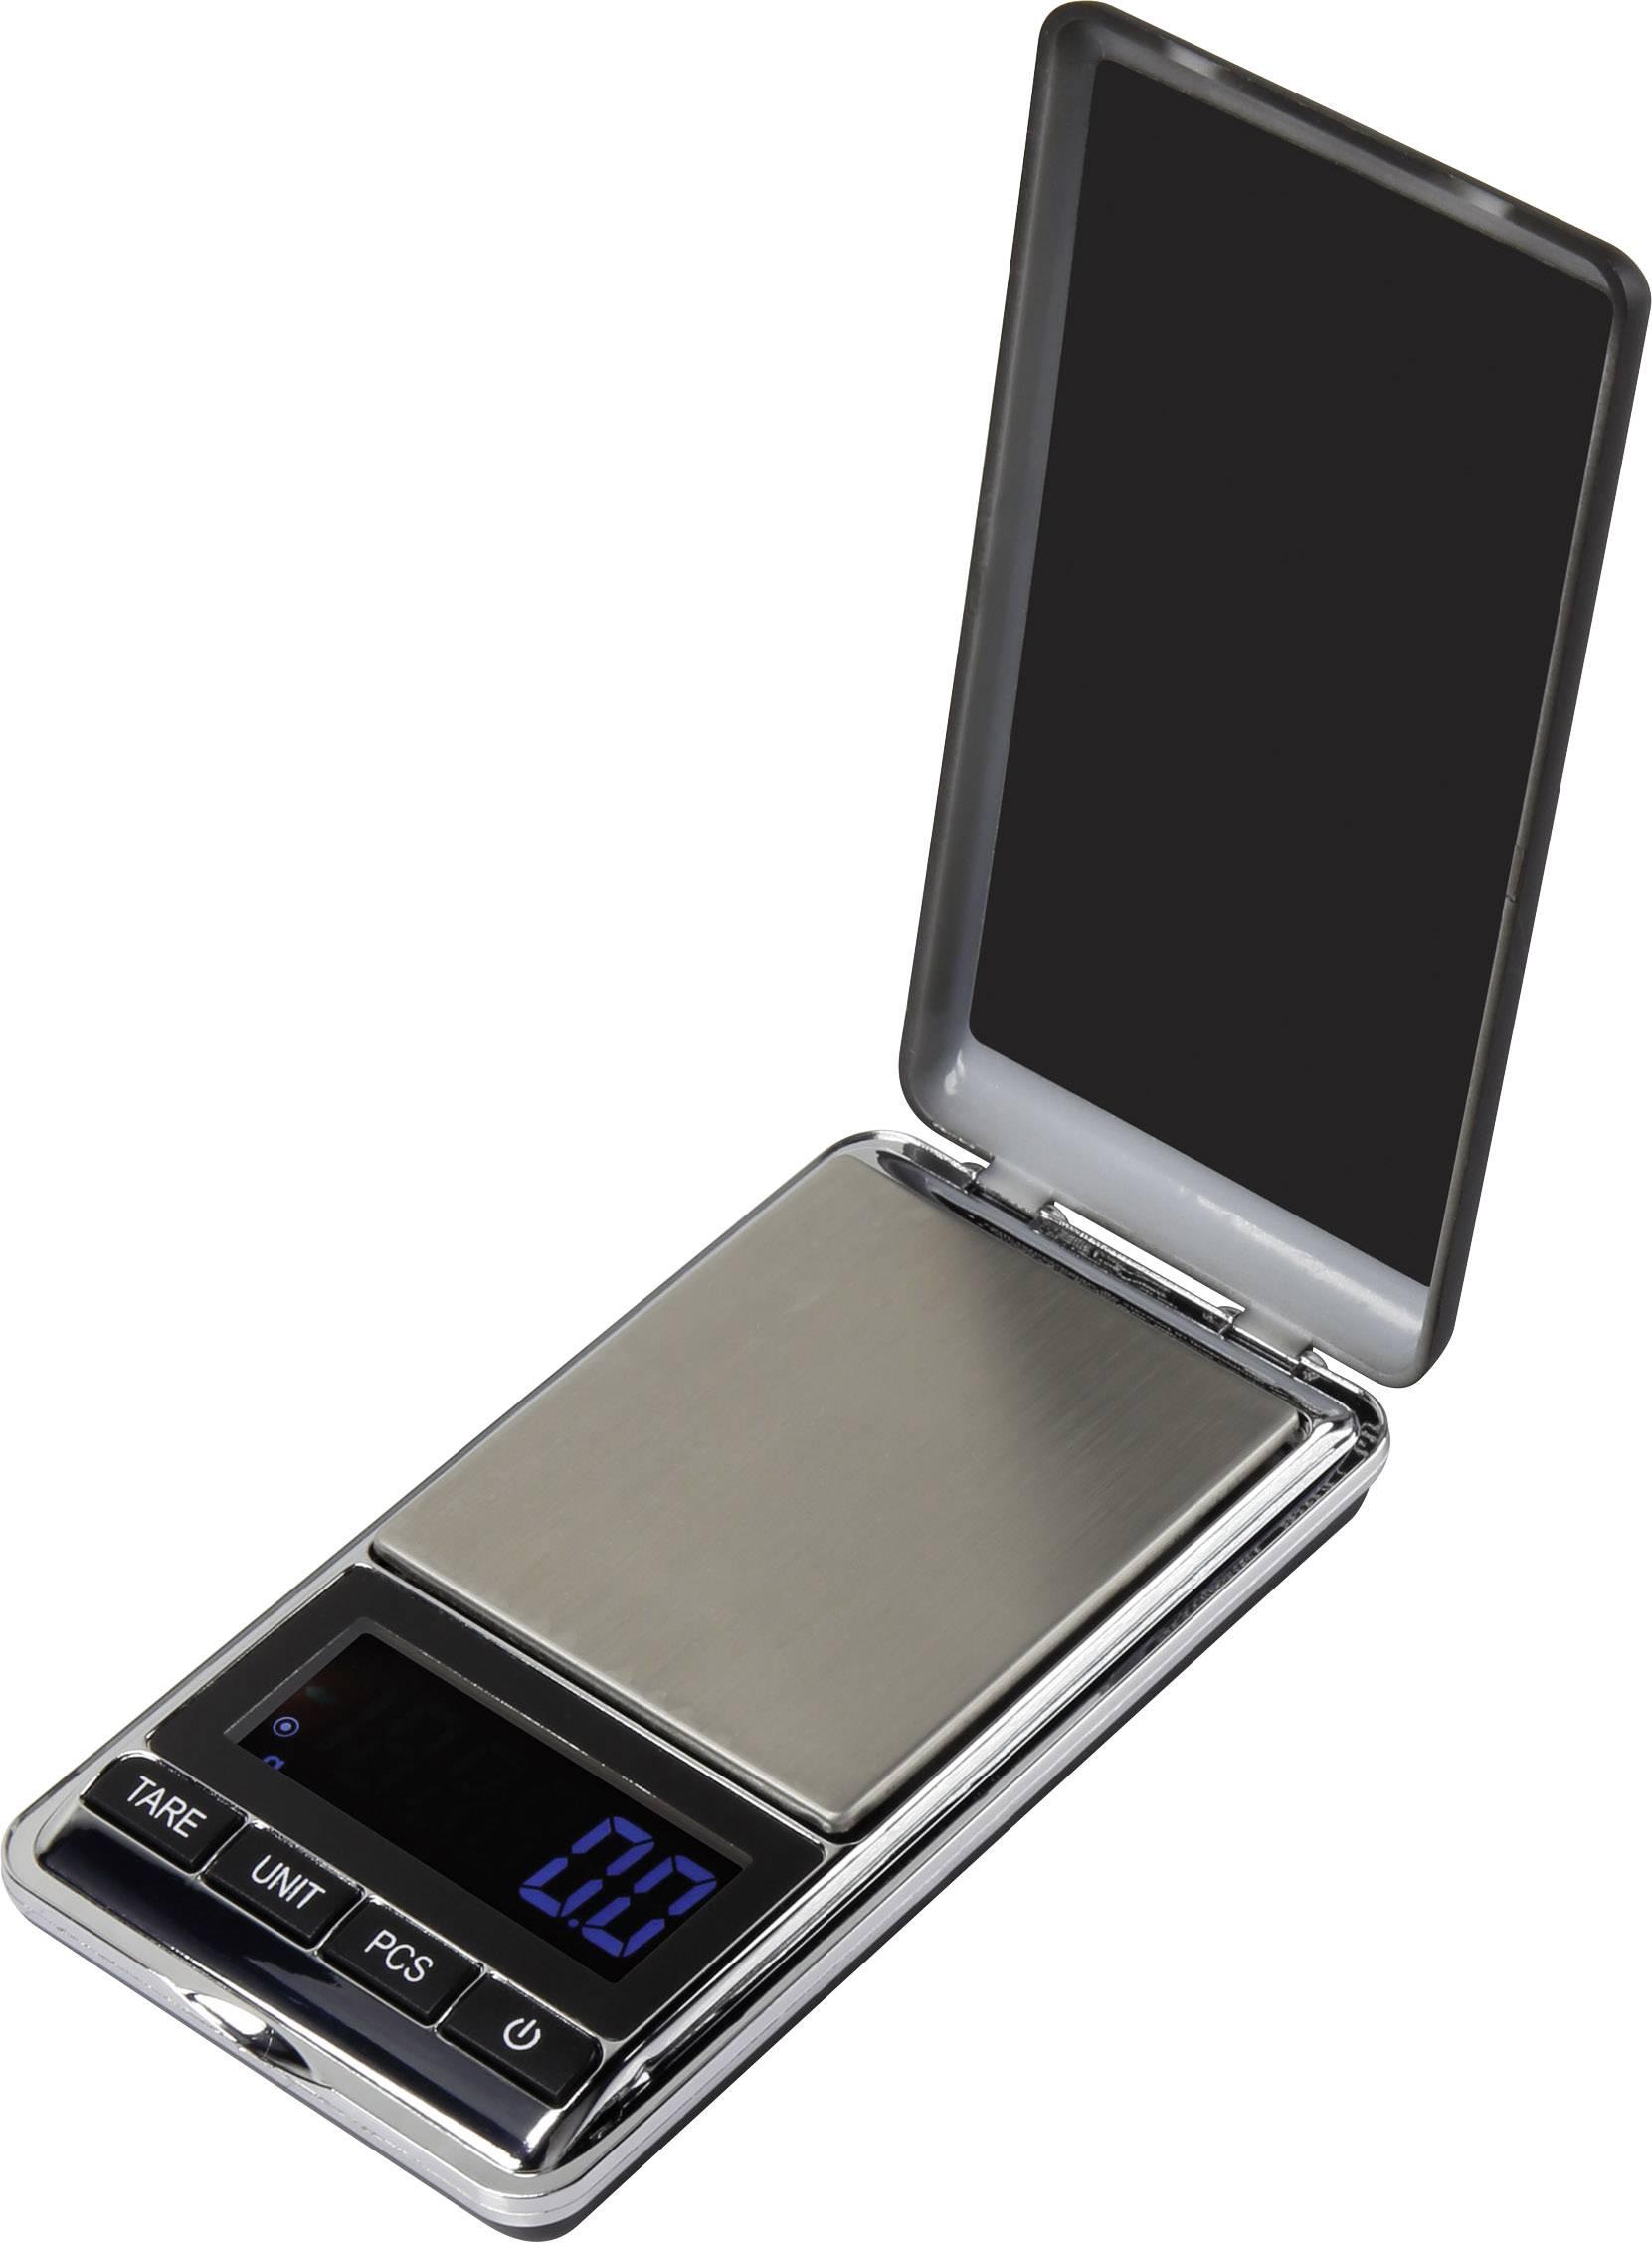 Kapesní váha Basetech , Max. váživost 500 g, Rozlišení 0.1 g, na baterii, stříbrná